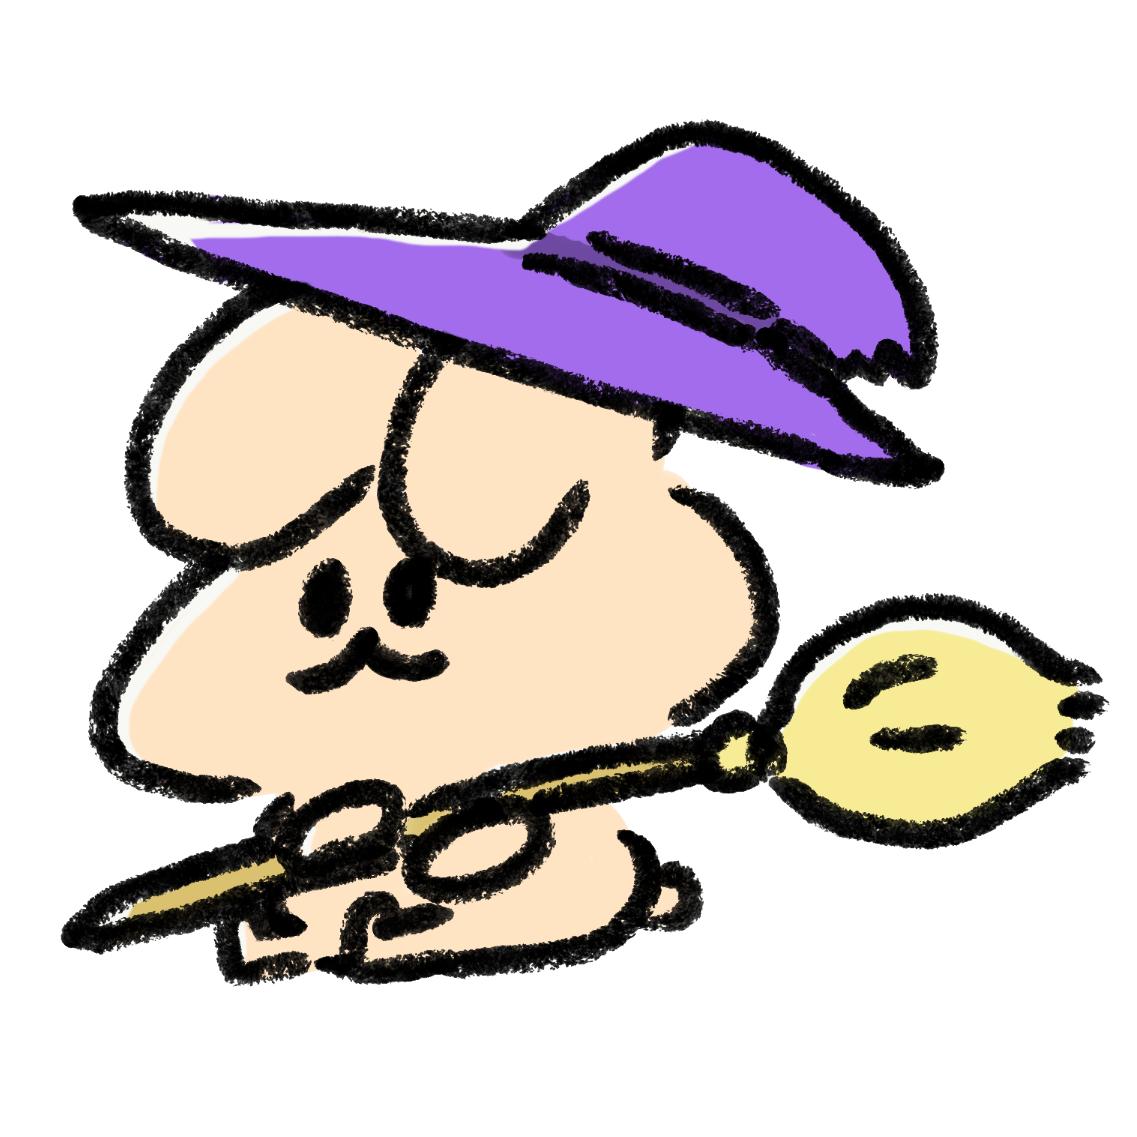 魔女の帽子をかぶったうさぎ